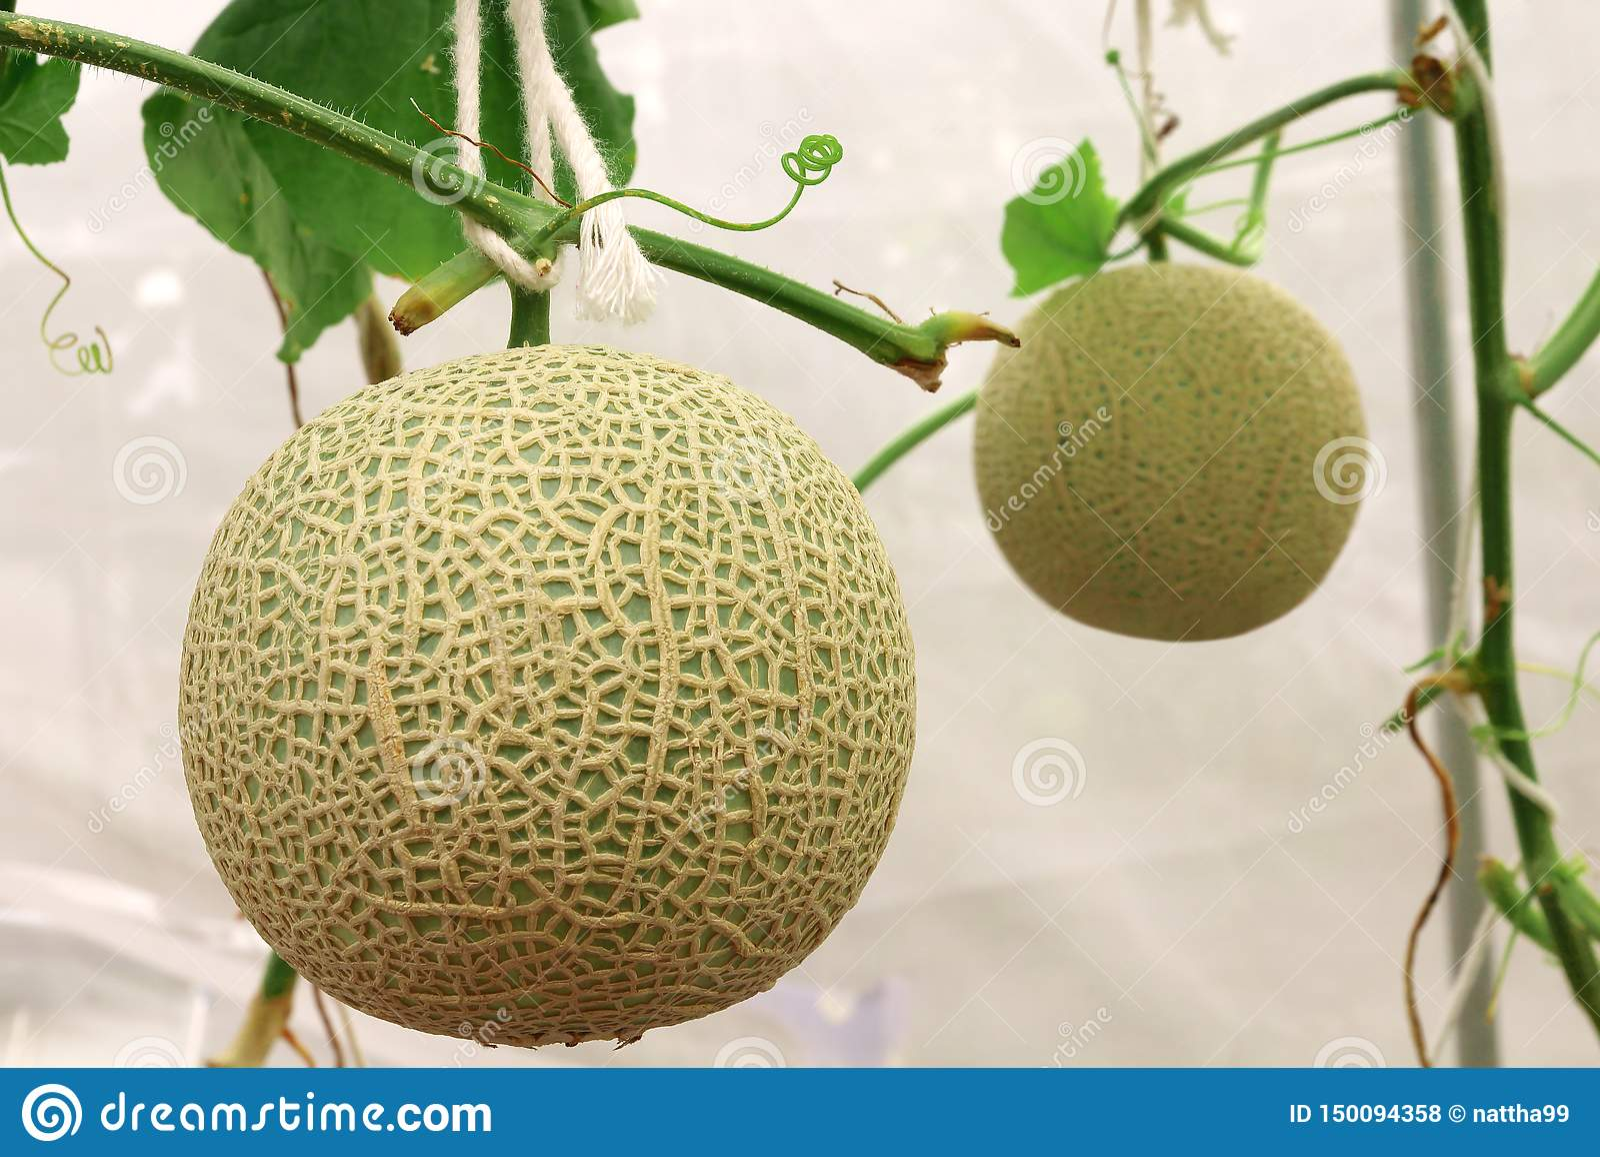 生长在温室农场的新鲜的甜瓜瓜植物